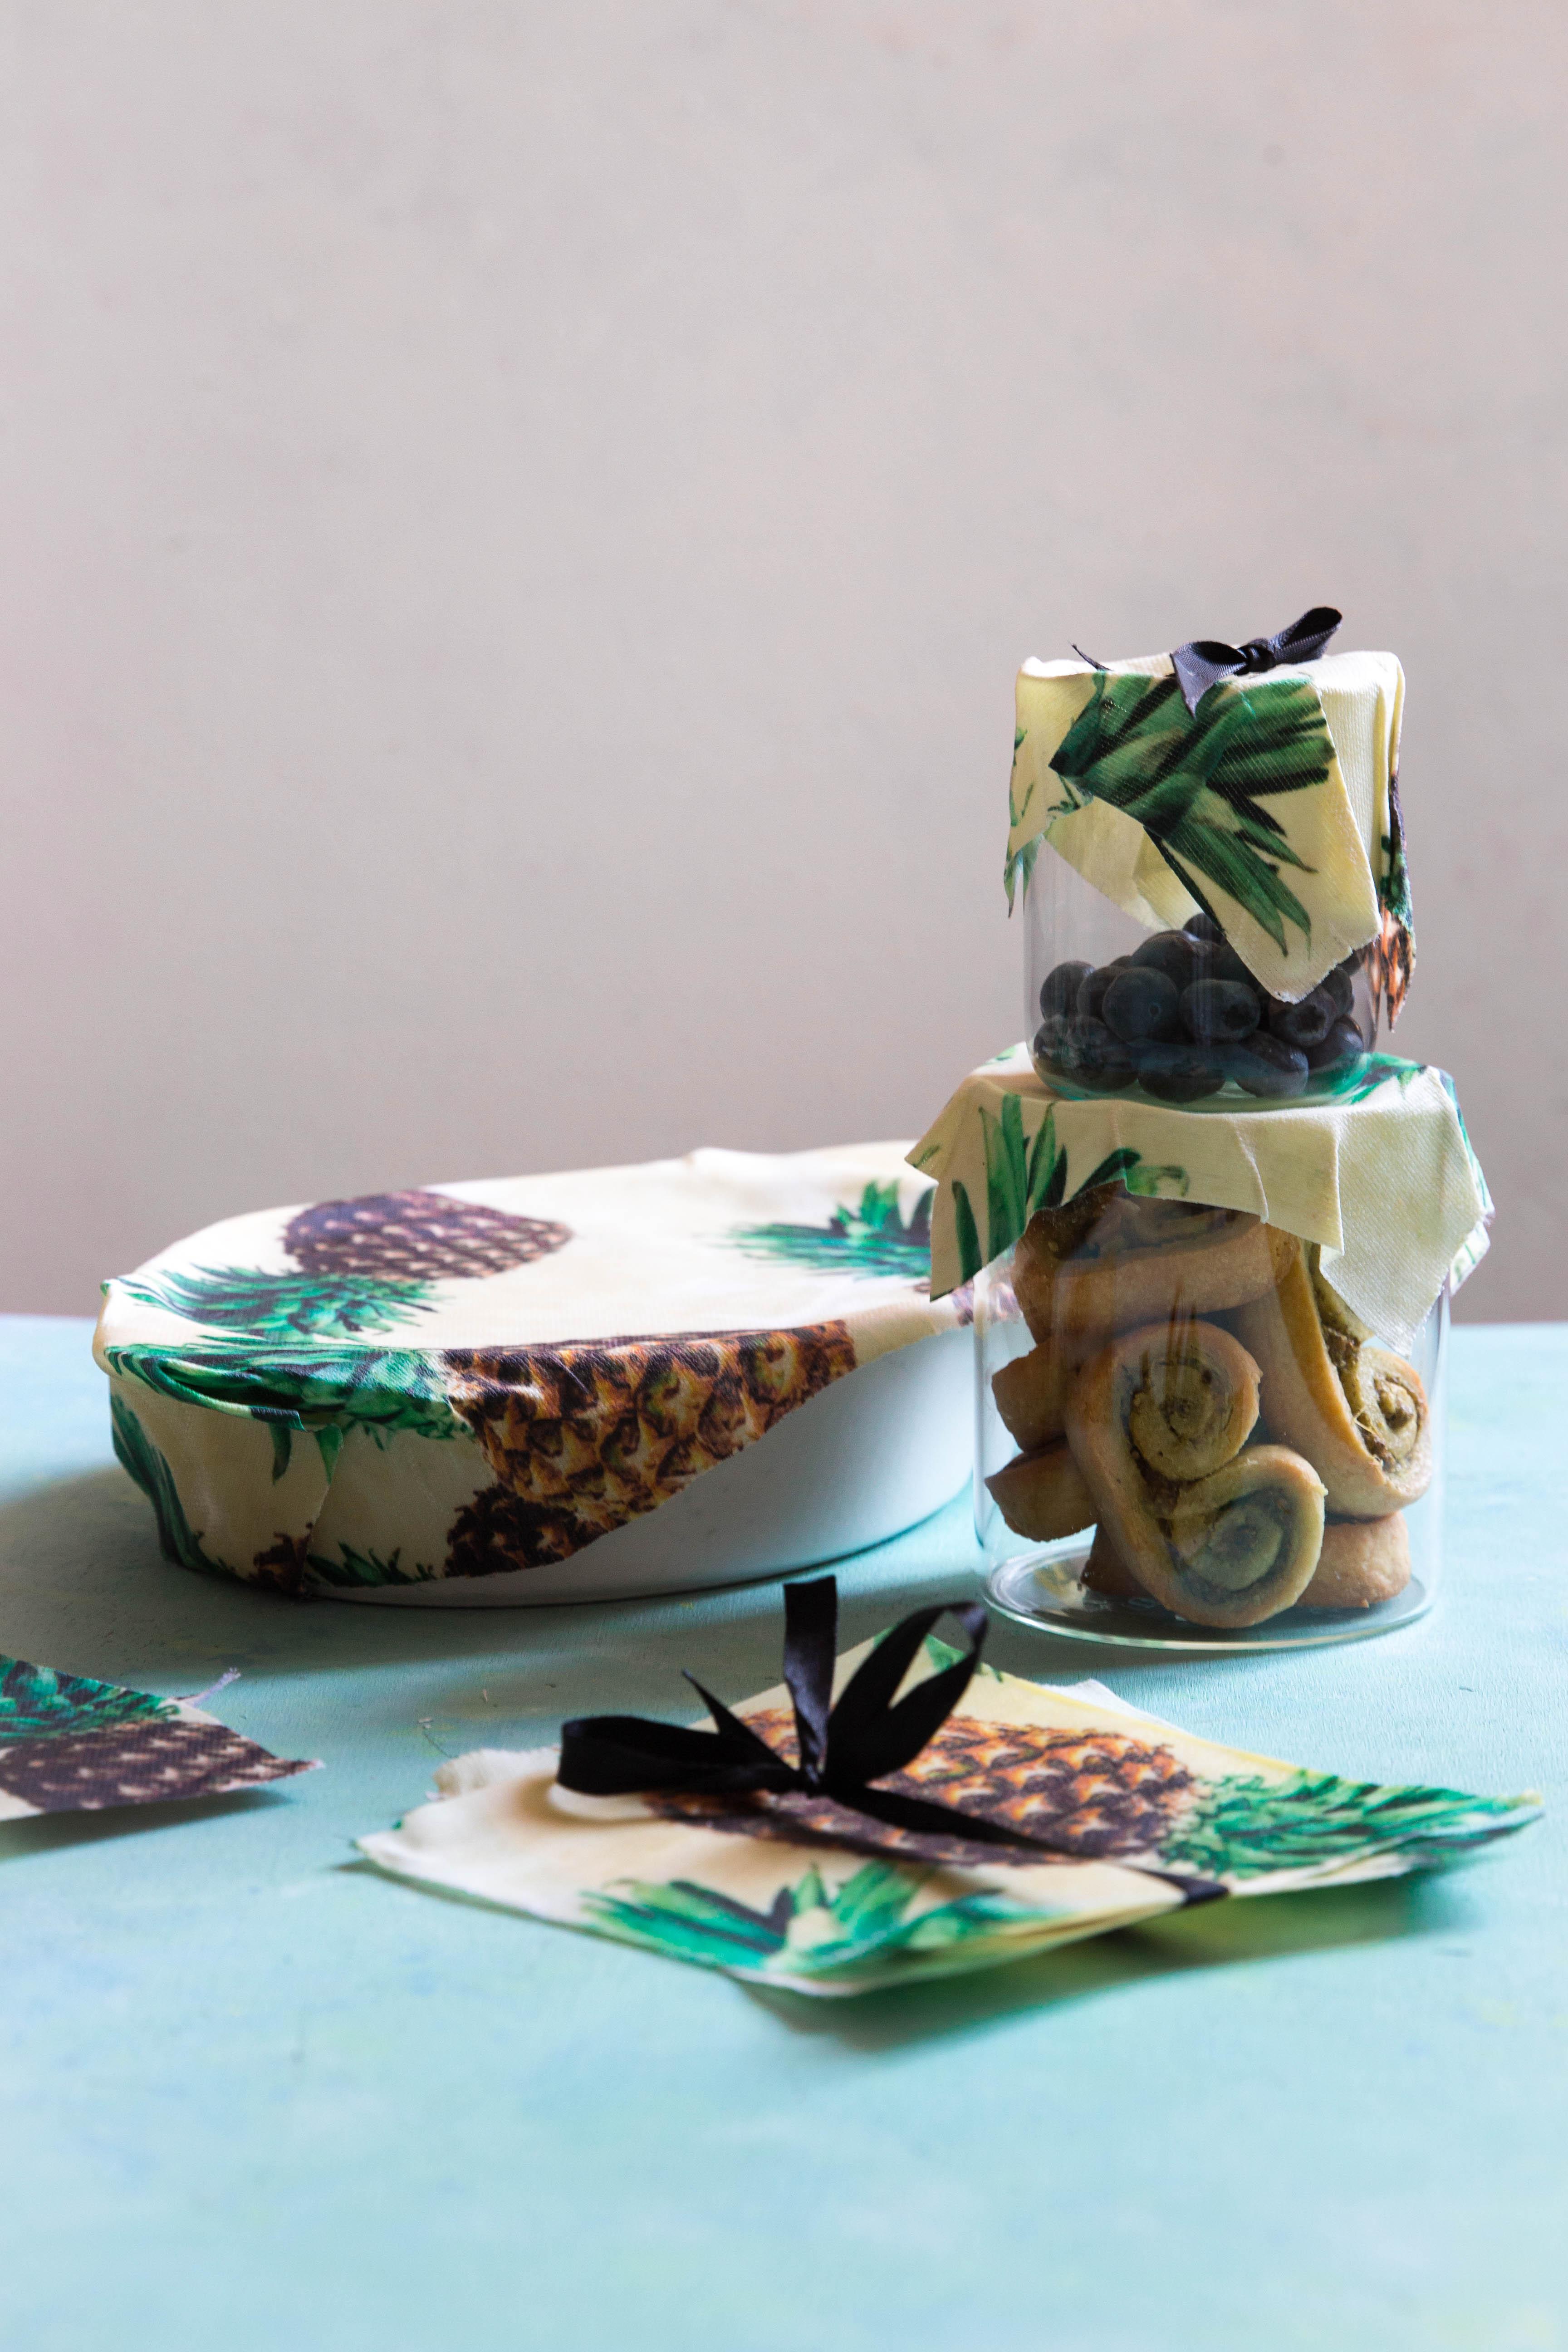 DIY Bee's Wrap, le parfait emballage alimentaire écologique en cire d'abeille à faire soi-même - Do It Yourself photography